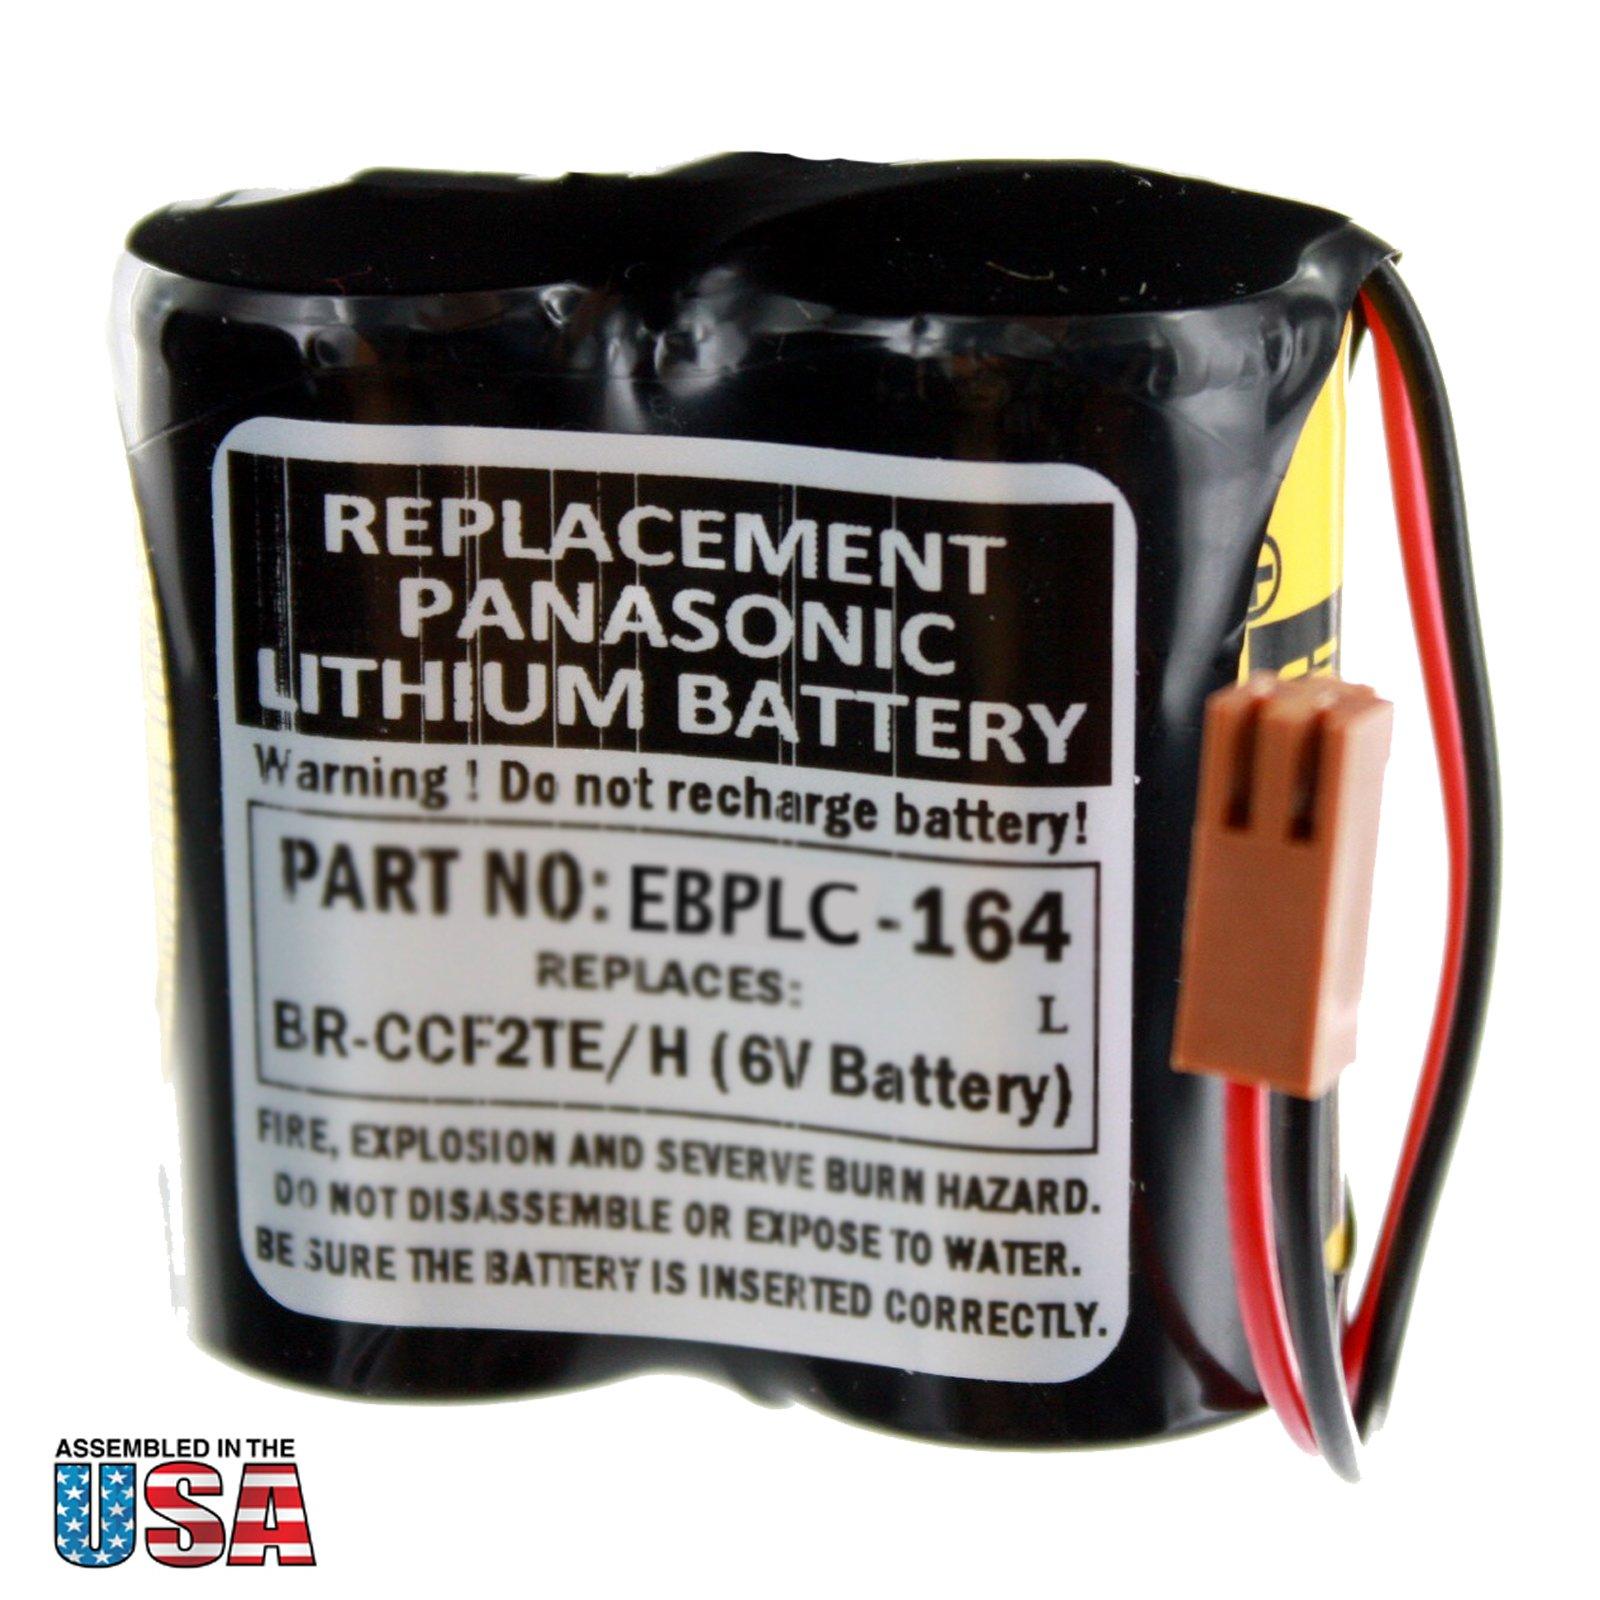 Exell PLC Lithium 6V 5000mAh Computer Backup Battery, Replaces Cutler Hammer A06, COMP164, Fanuc A98L-0001-0902, Ge Fanuc A06B0073K001, A06B6073K001, A98L003100011, A98L003100012, A98L00310006